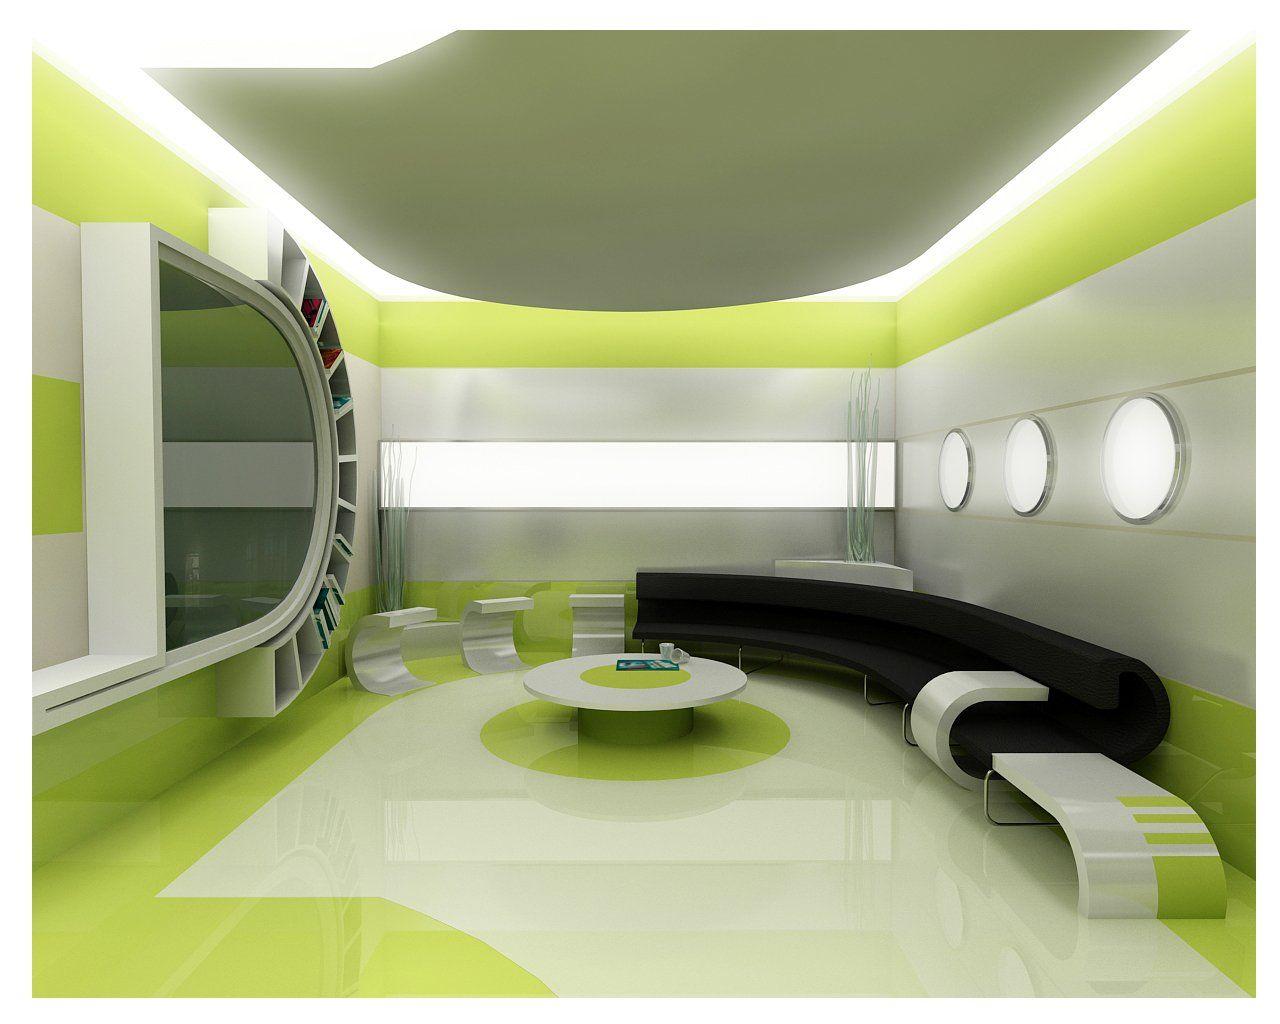 Exterior Design|exterior Design Ideas|interior Design|home ...